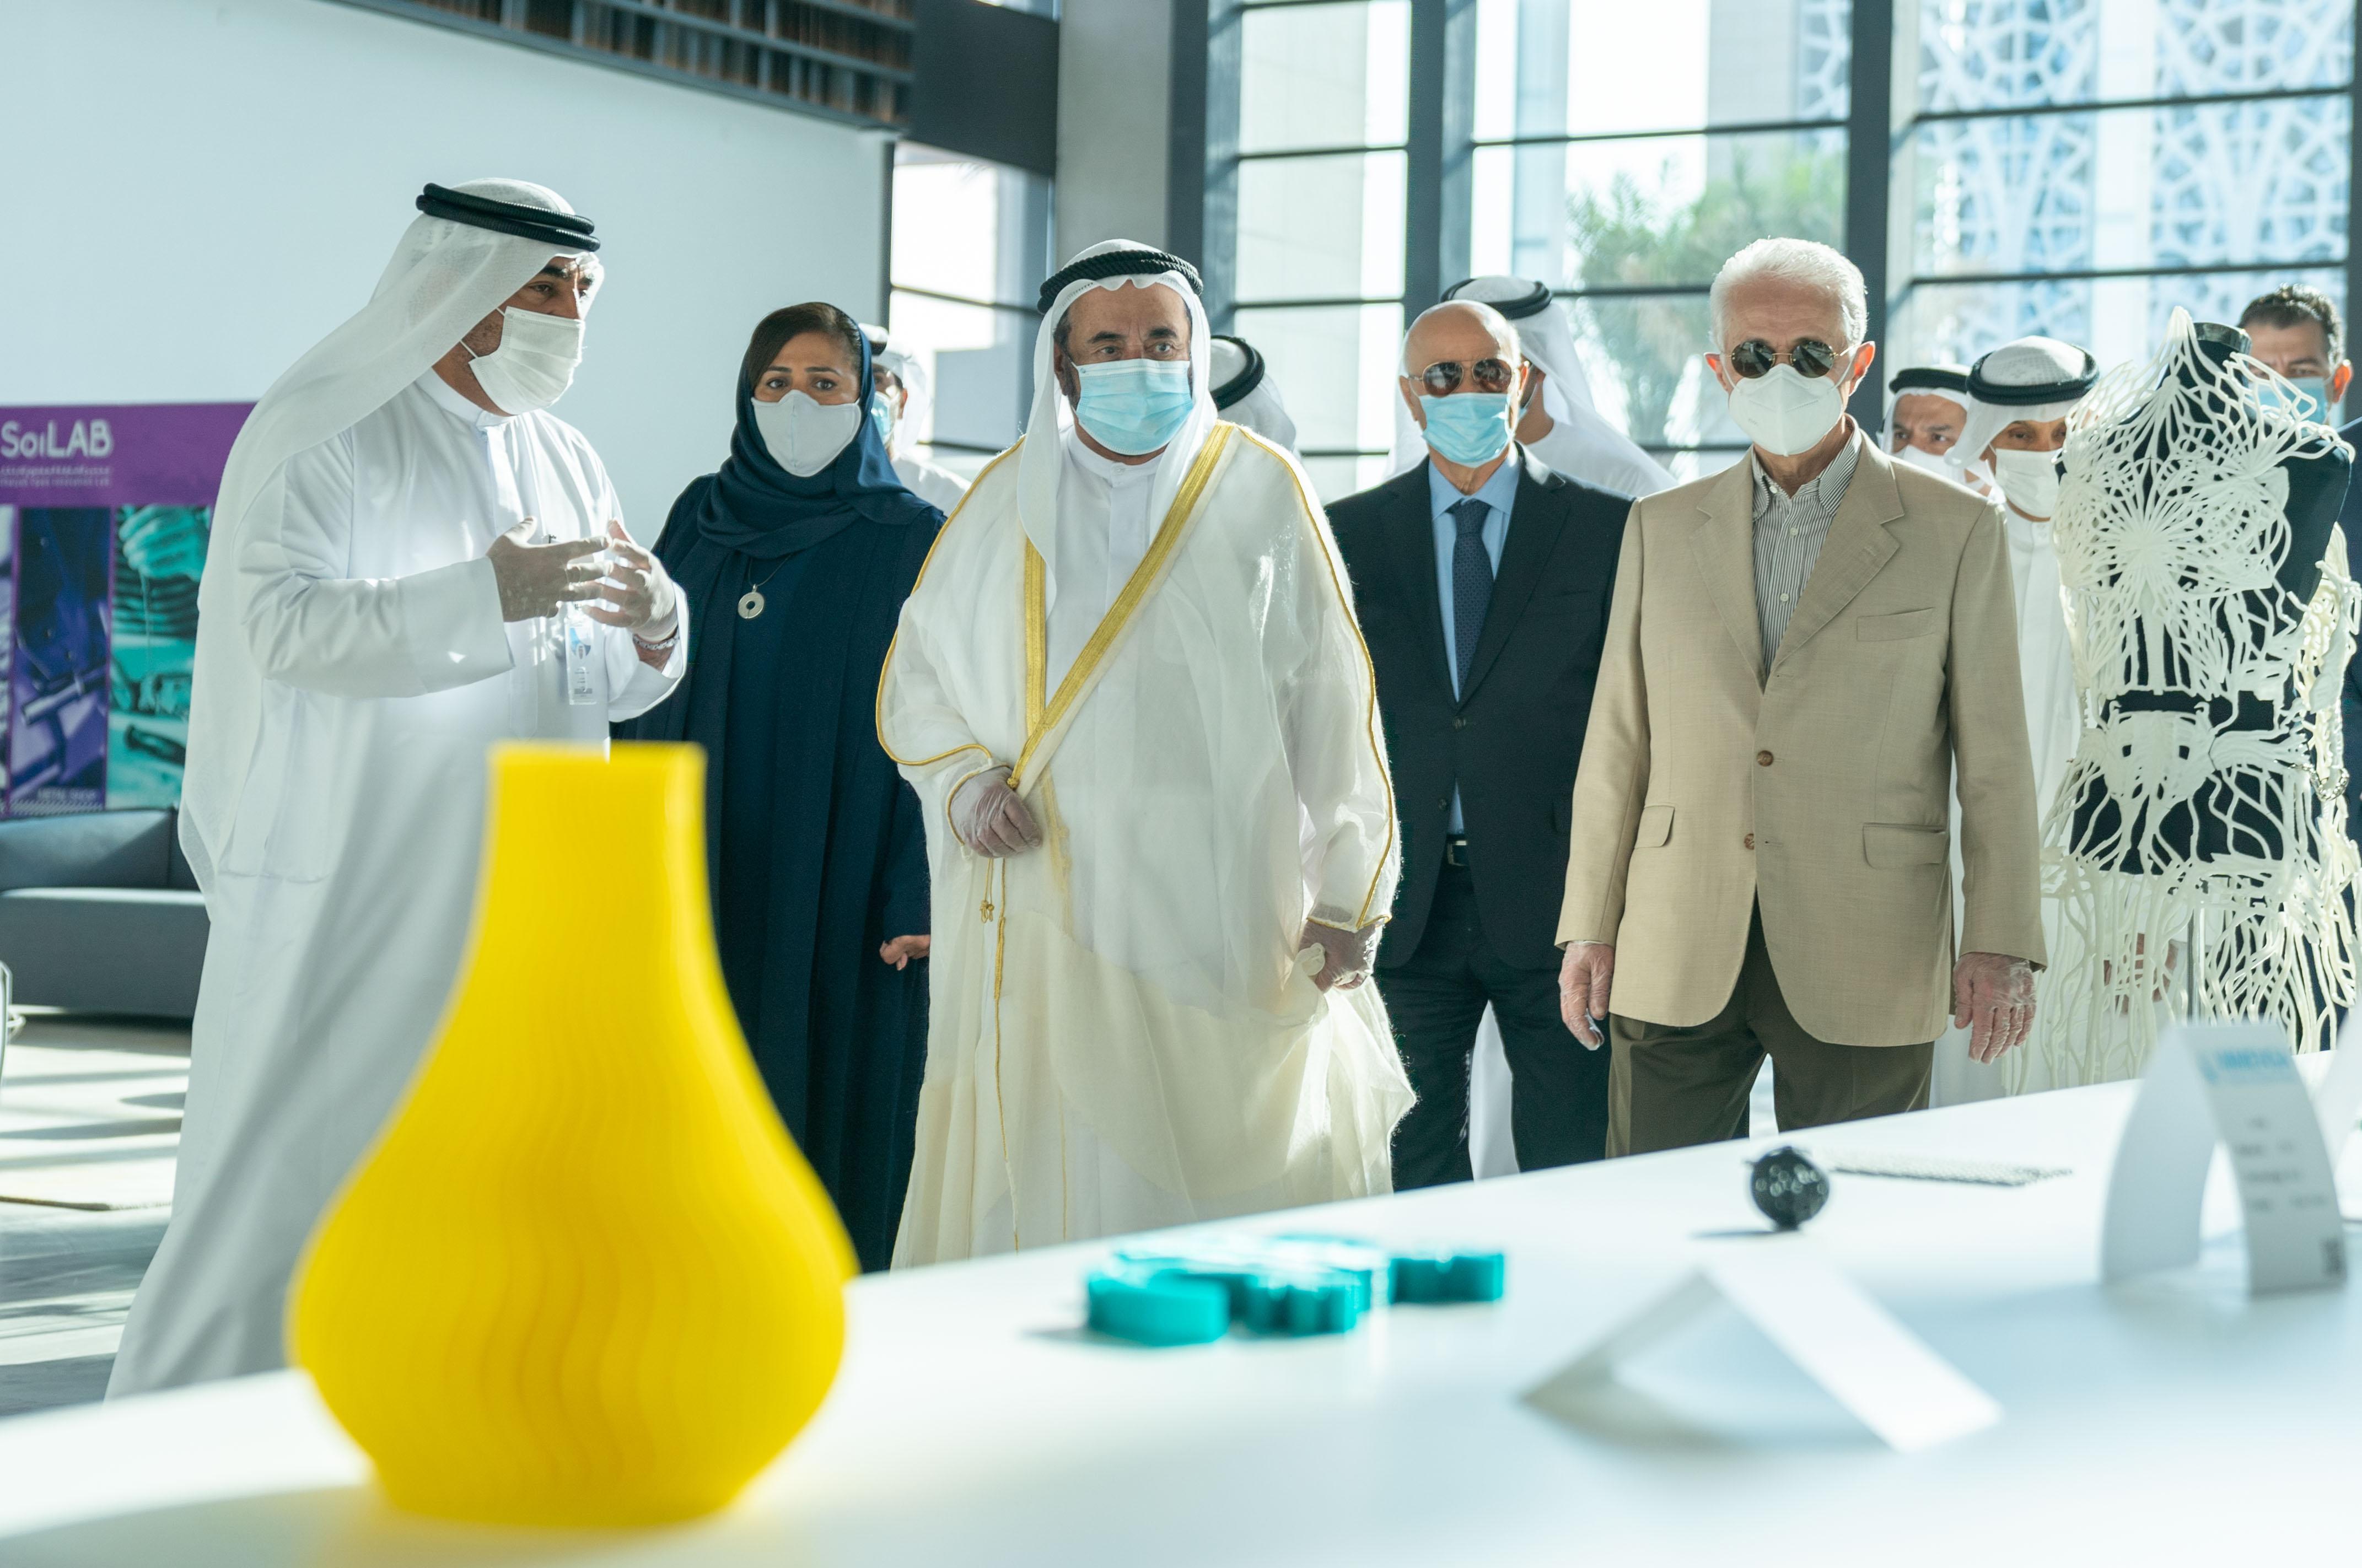 سلطان القاسمي يفتتح المقر الرئيس لمجمع الشارقة للبحوث والتكنولوجيا والابتكار